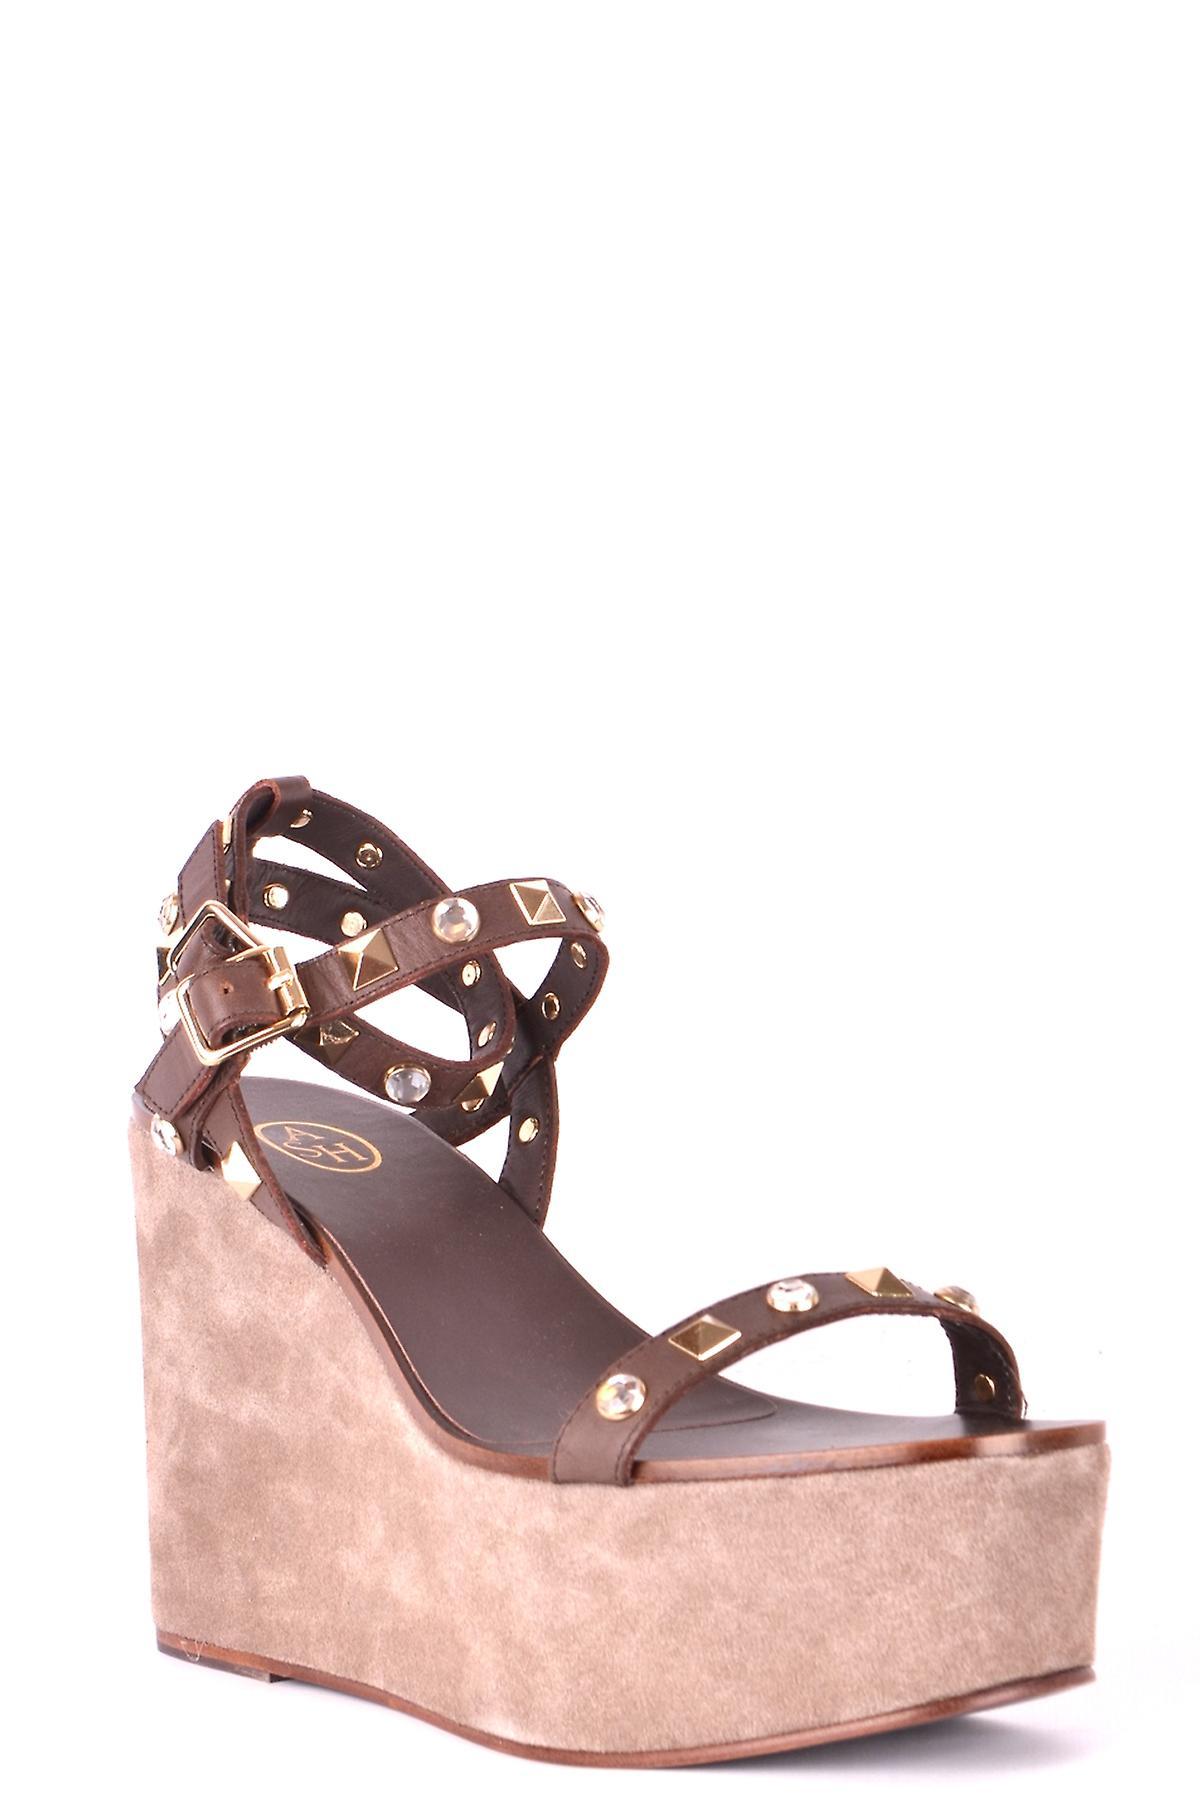 Ash Ezbc125004 Dames's Brown Leather Sandalen s2kRK8